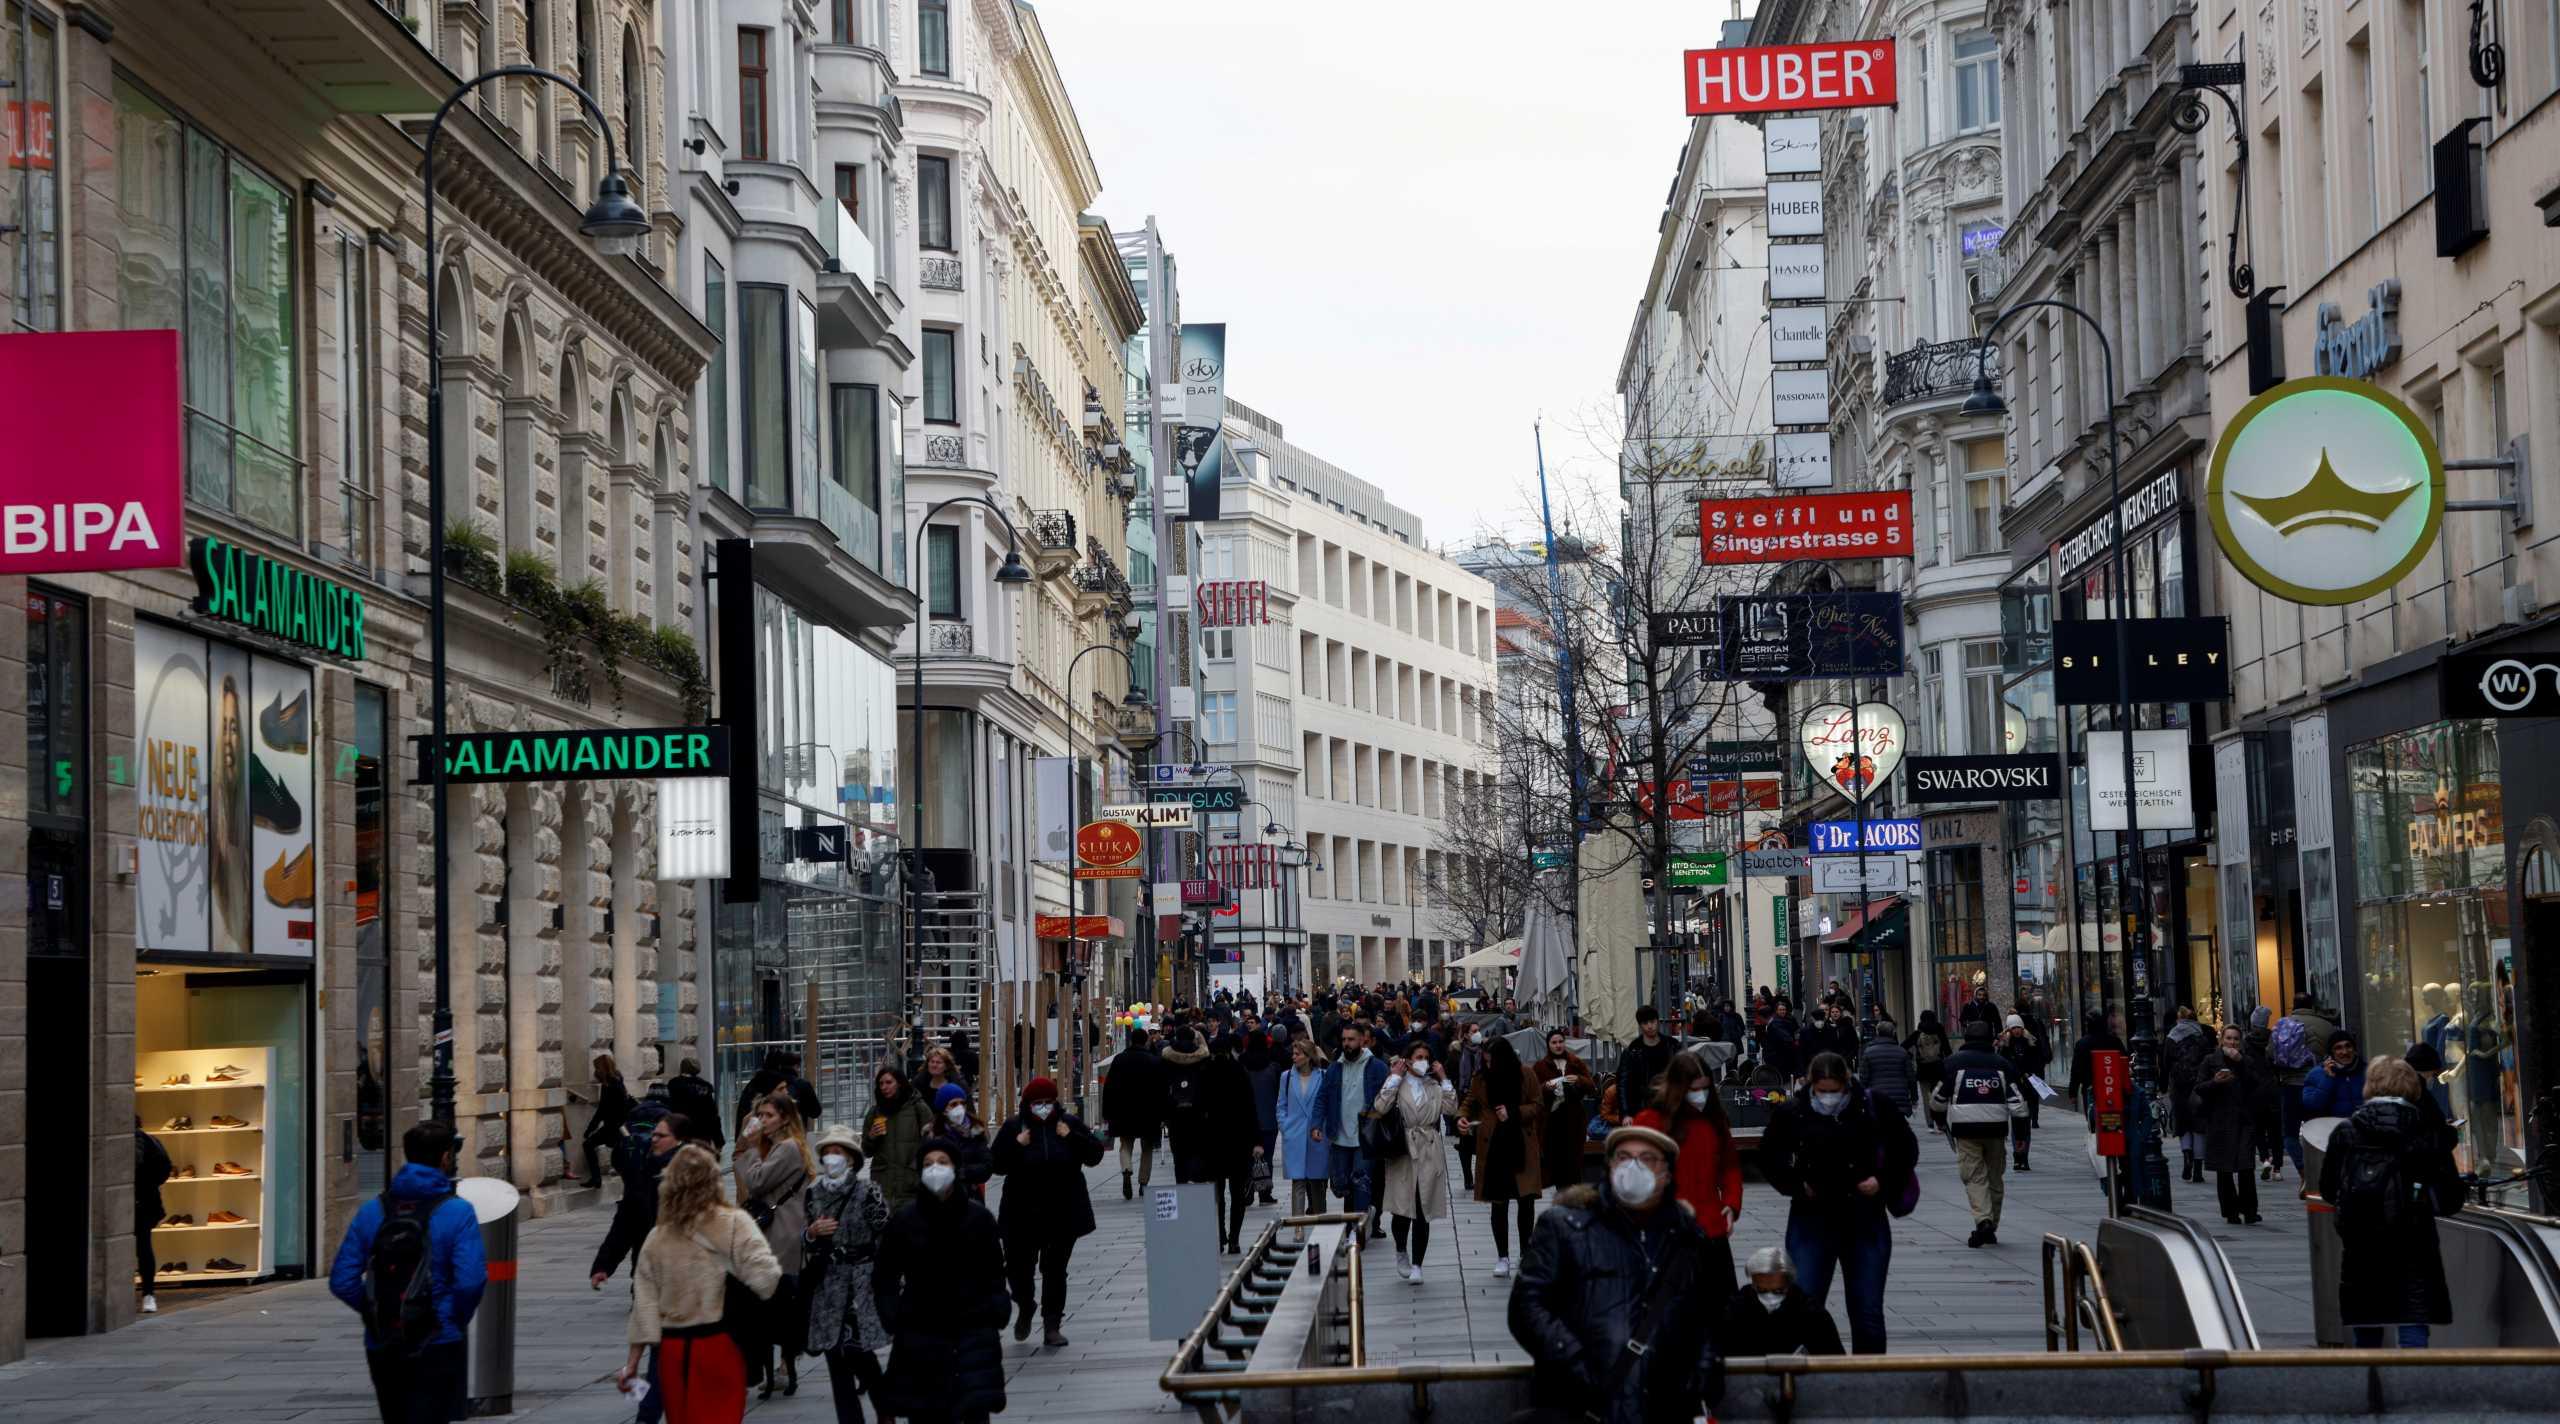 Αυστρία – κορονοϊός: Αγγίζουν τους 10.000 οι νεκροί από την αρχή της πανδημίας